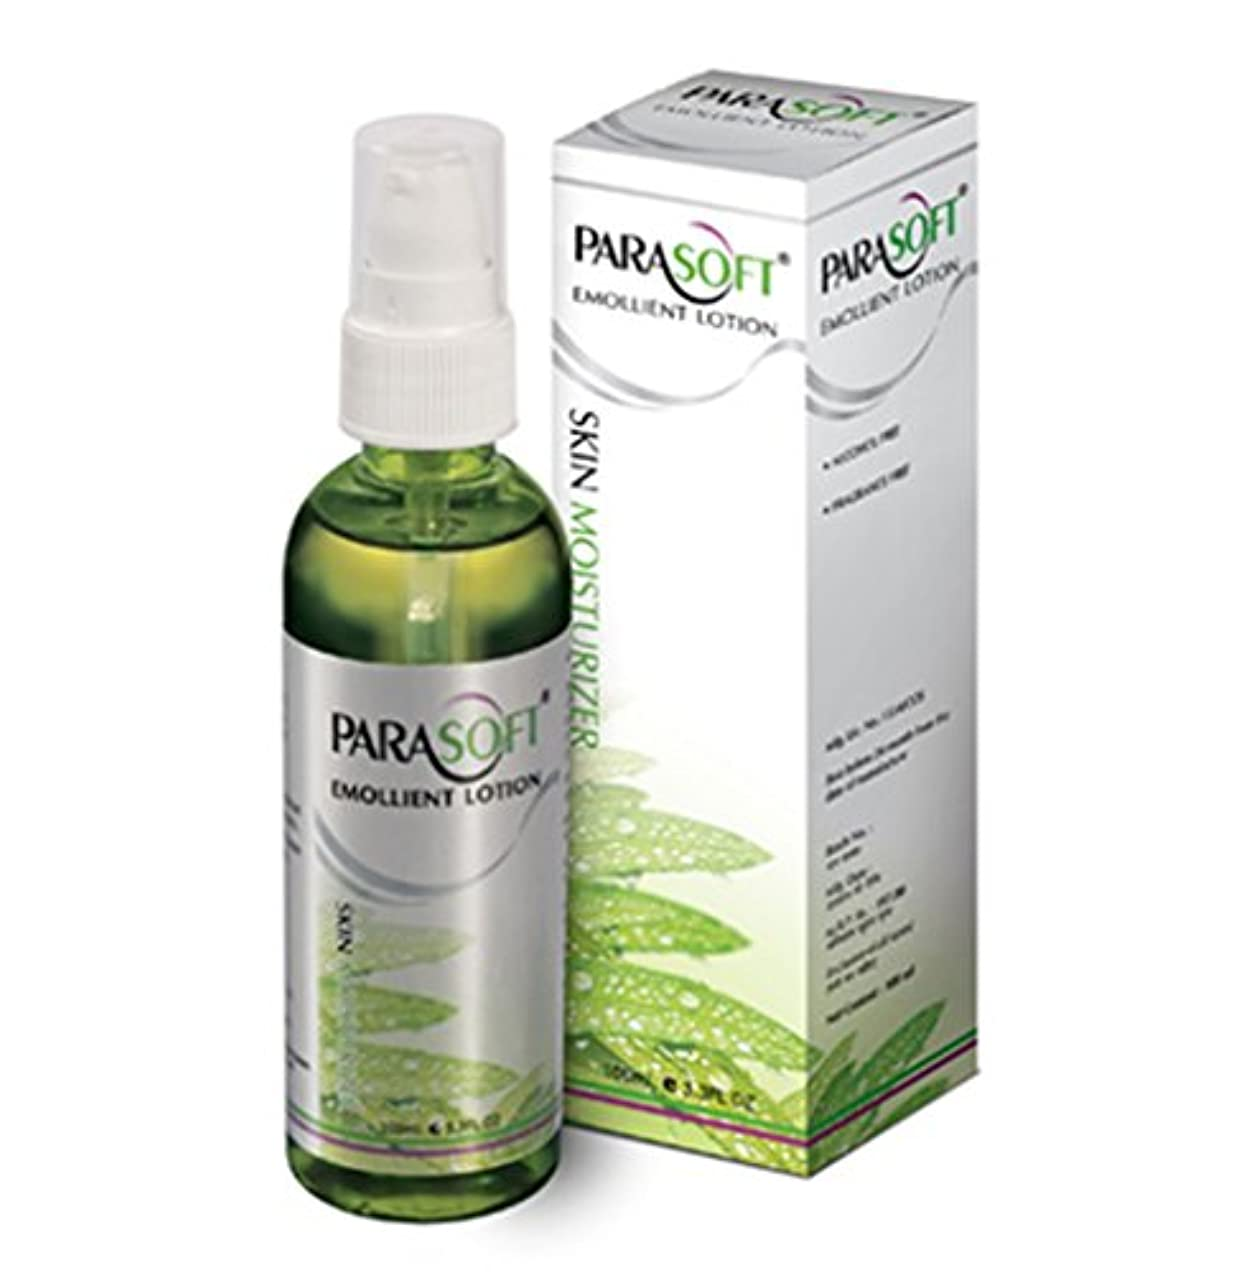 回路位置する支払うParaffin Lotion Grapeseed, Jojoba, Aloevera, Avocado, Olive Oil Dry Skin 100ml